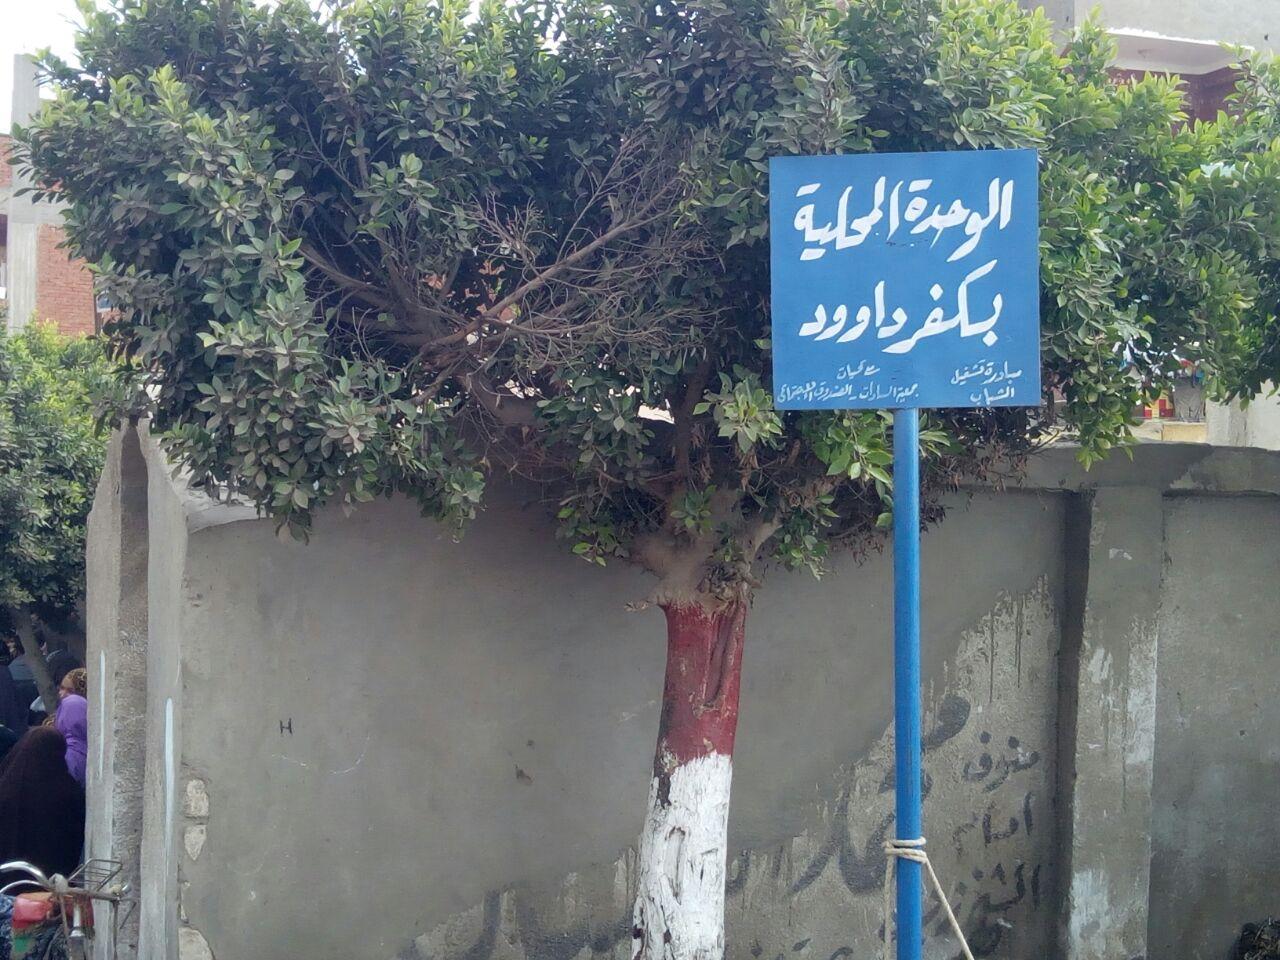 توزيع سلع مُخفضة الأسعار في كفر داود بالمنوفية (صور)